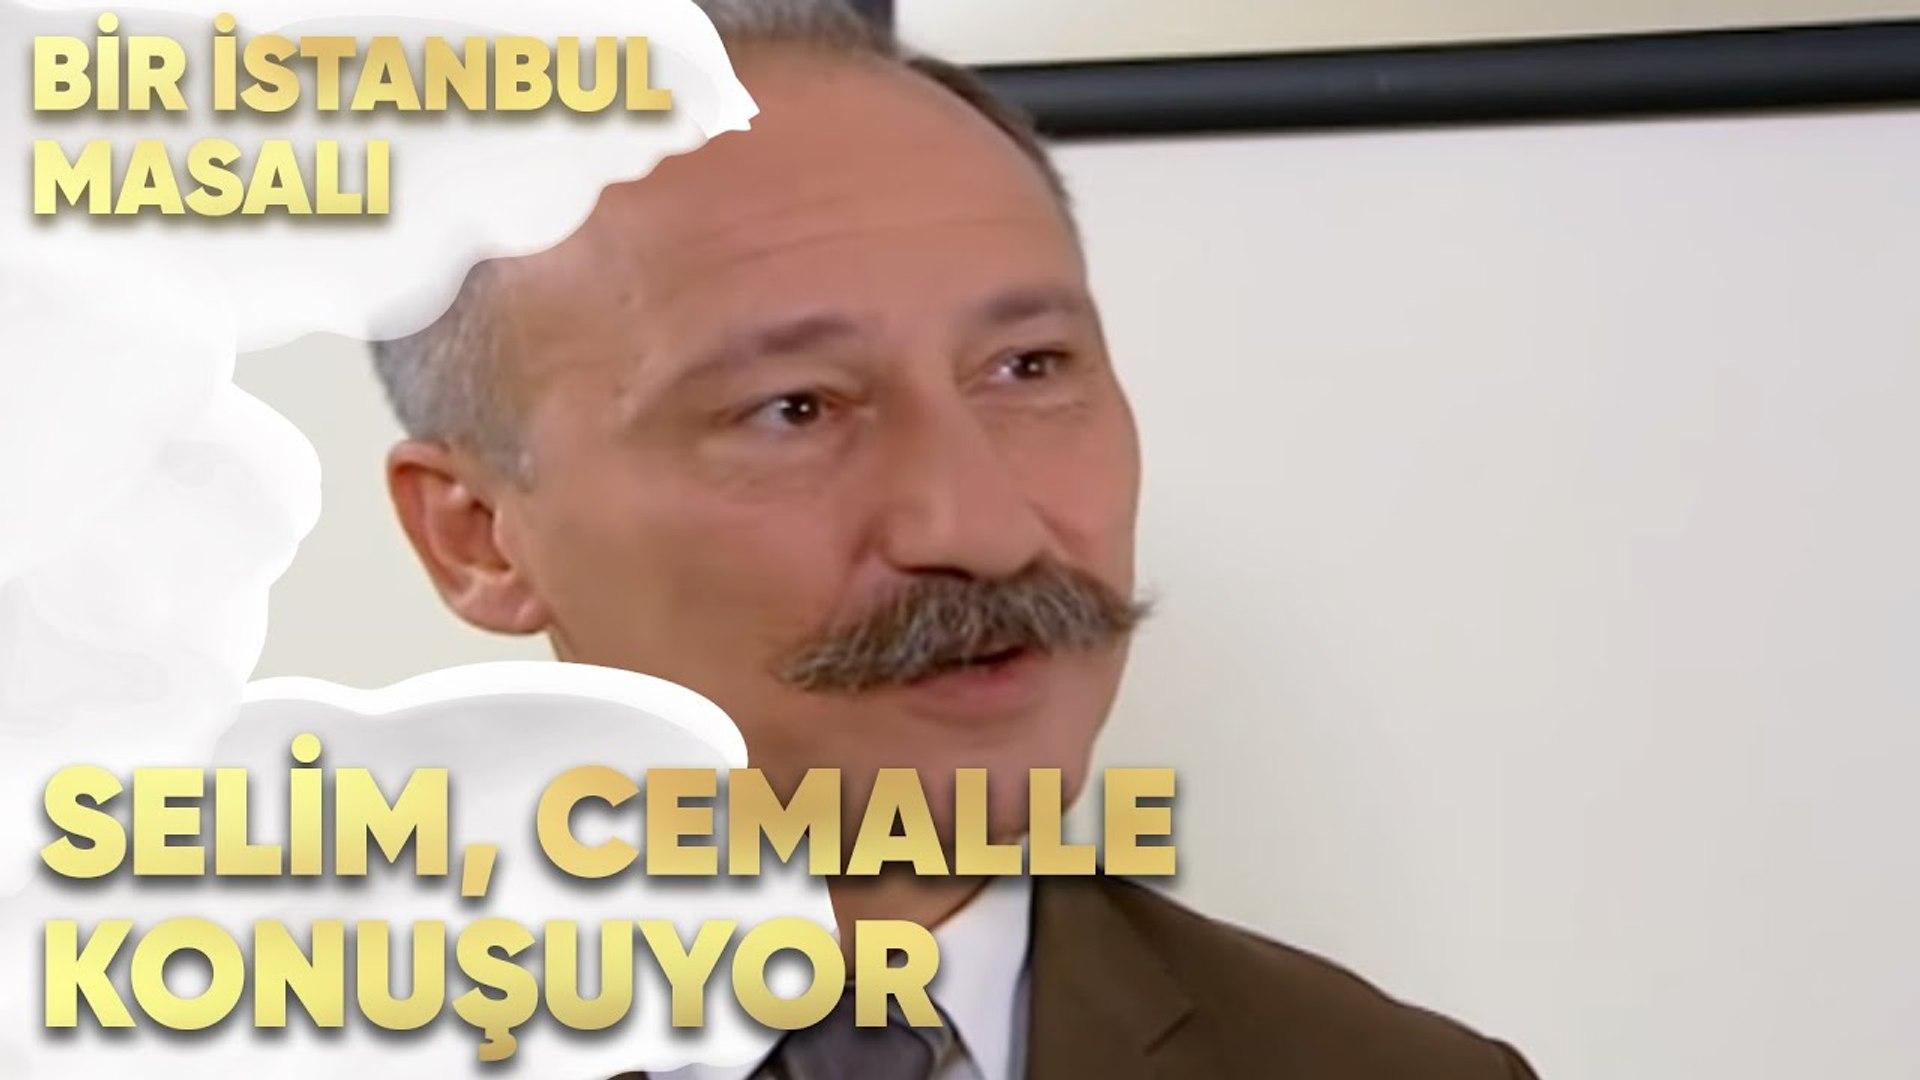 Selim, Cemal'le Konuşuyor - Bir İstanbul Masalı 39. Bölüm